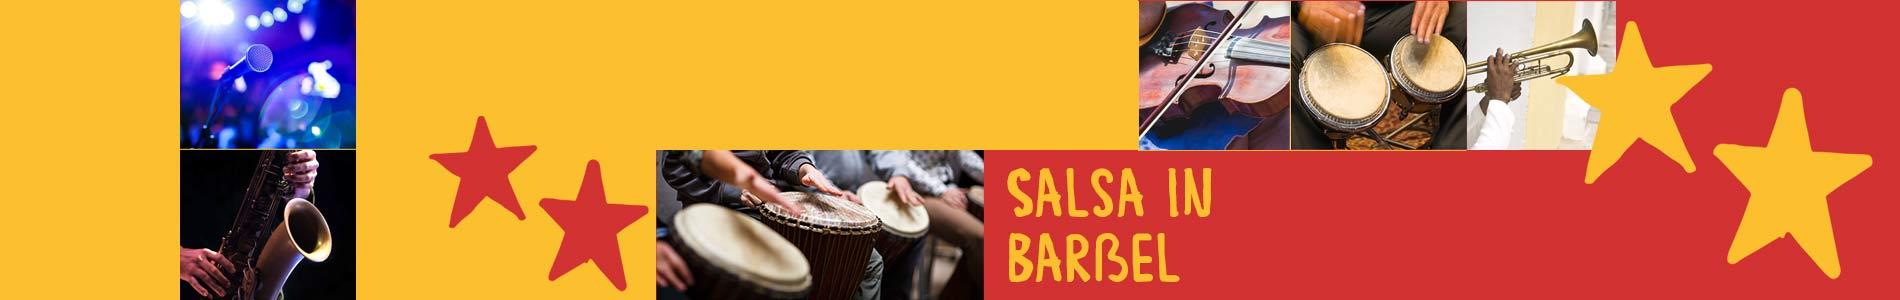 Salsa in Barßel – Salsa lernen und tanzen, Tanzkurse, Partys, Veranstaltungen